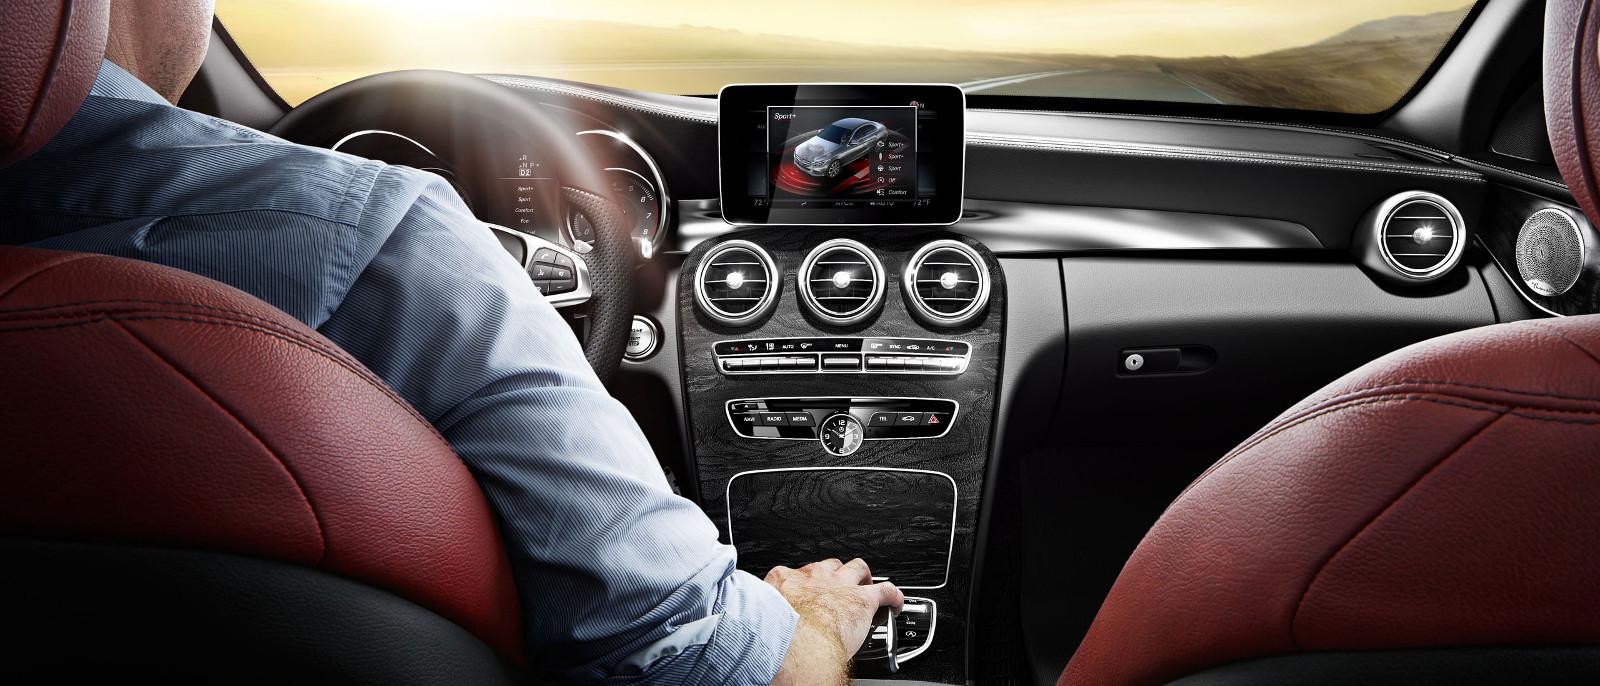 2015 Mercedes-Benz C400 4MATIC Interior